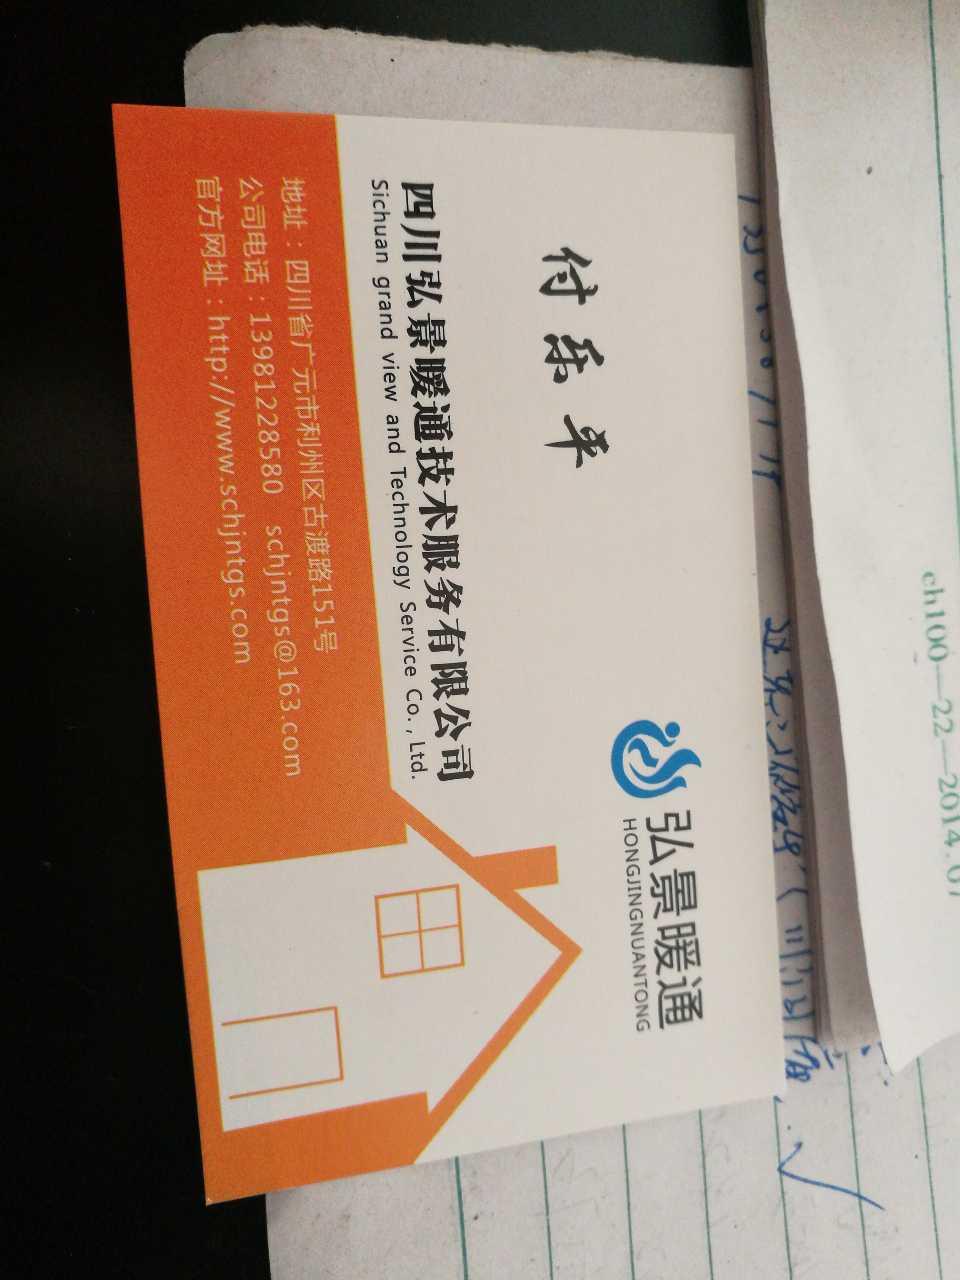 来自付**发布的商务合作信息:工程暖通工程,空气能,新风系统... - 四川弘景暖通工程技术有限公司